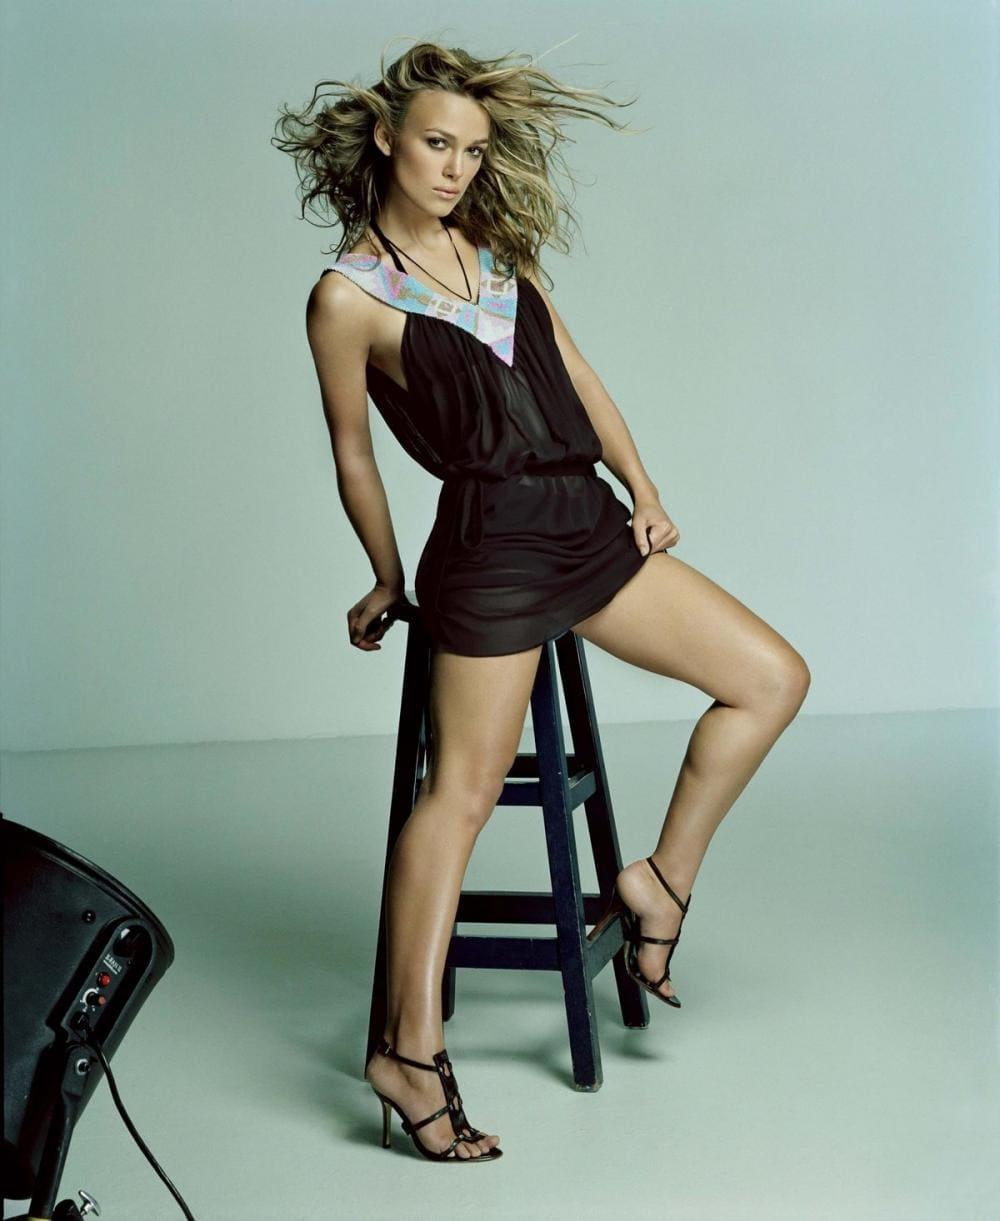 Фото Кира Найтли стоит слегка оперлась на высокий табурет в черном очень коротком платье, босоножки на высоком каблуке